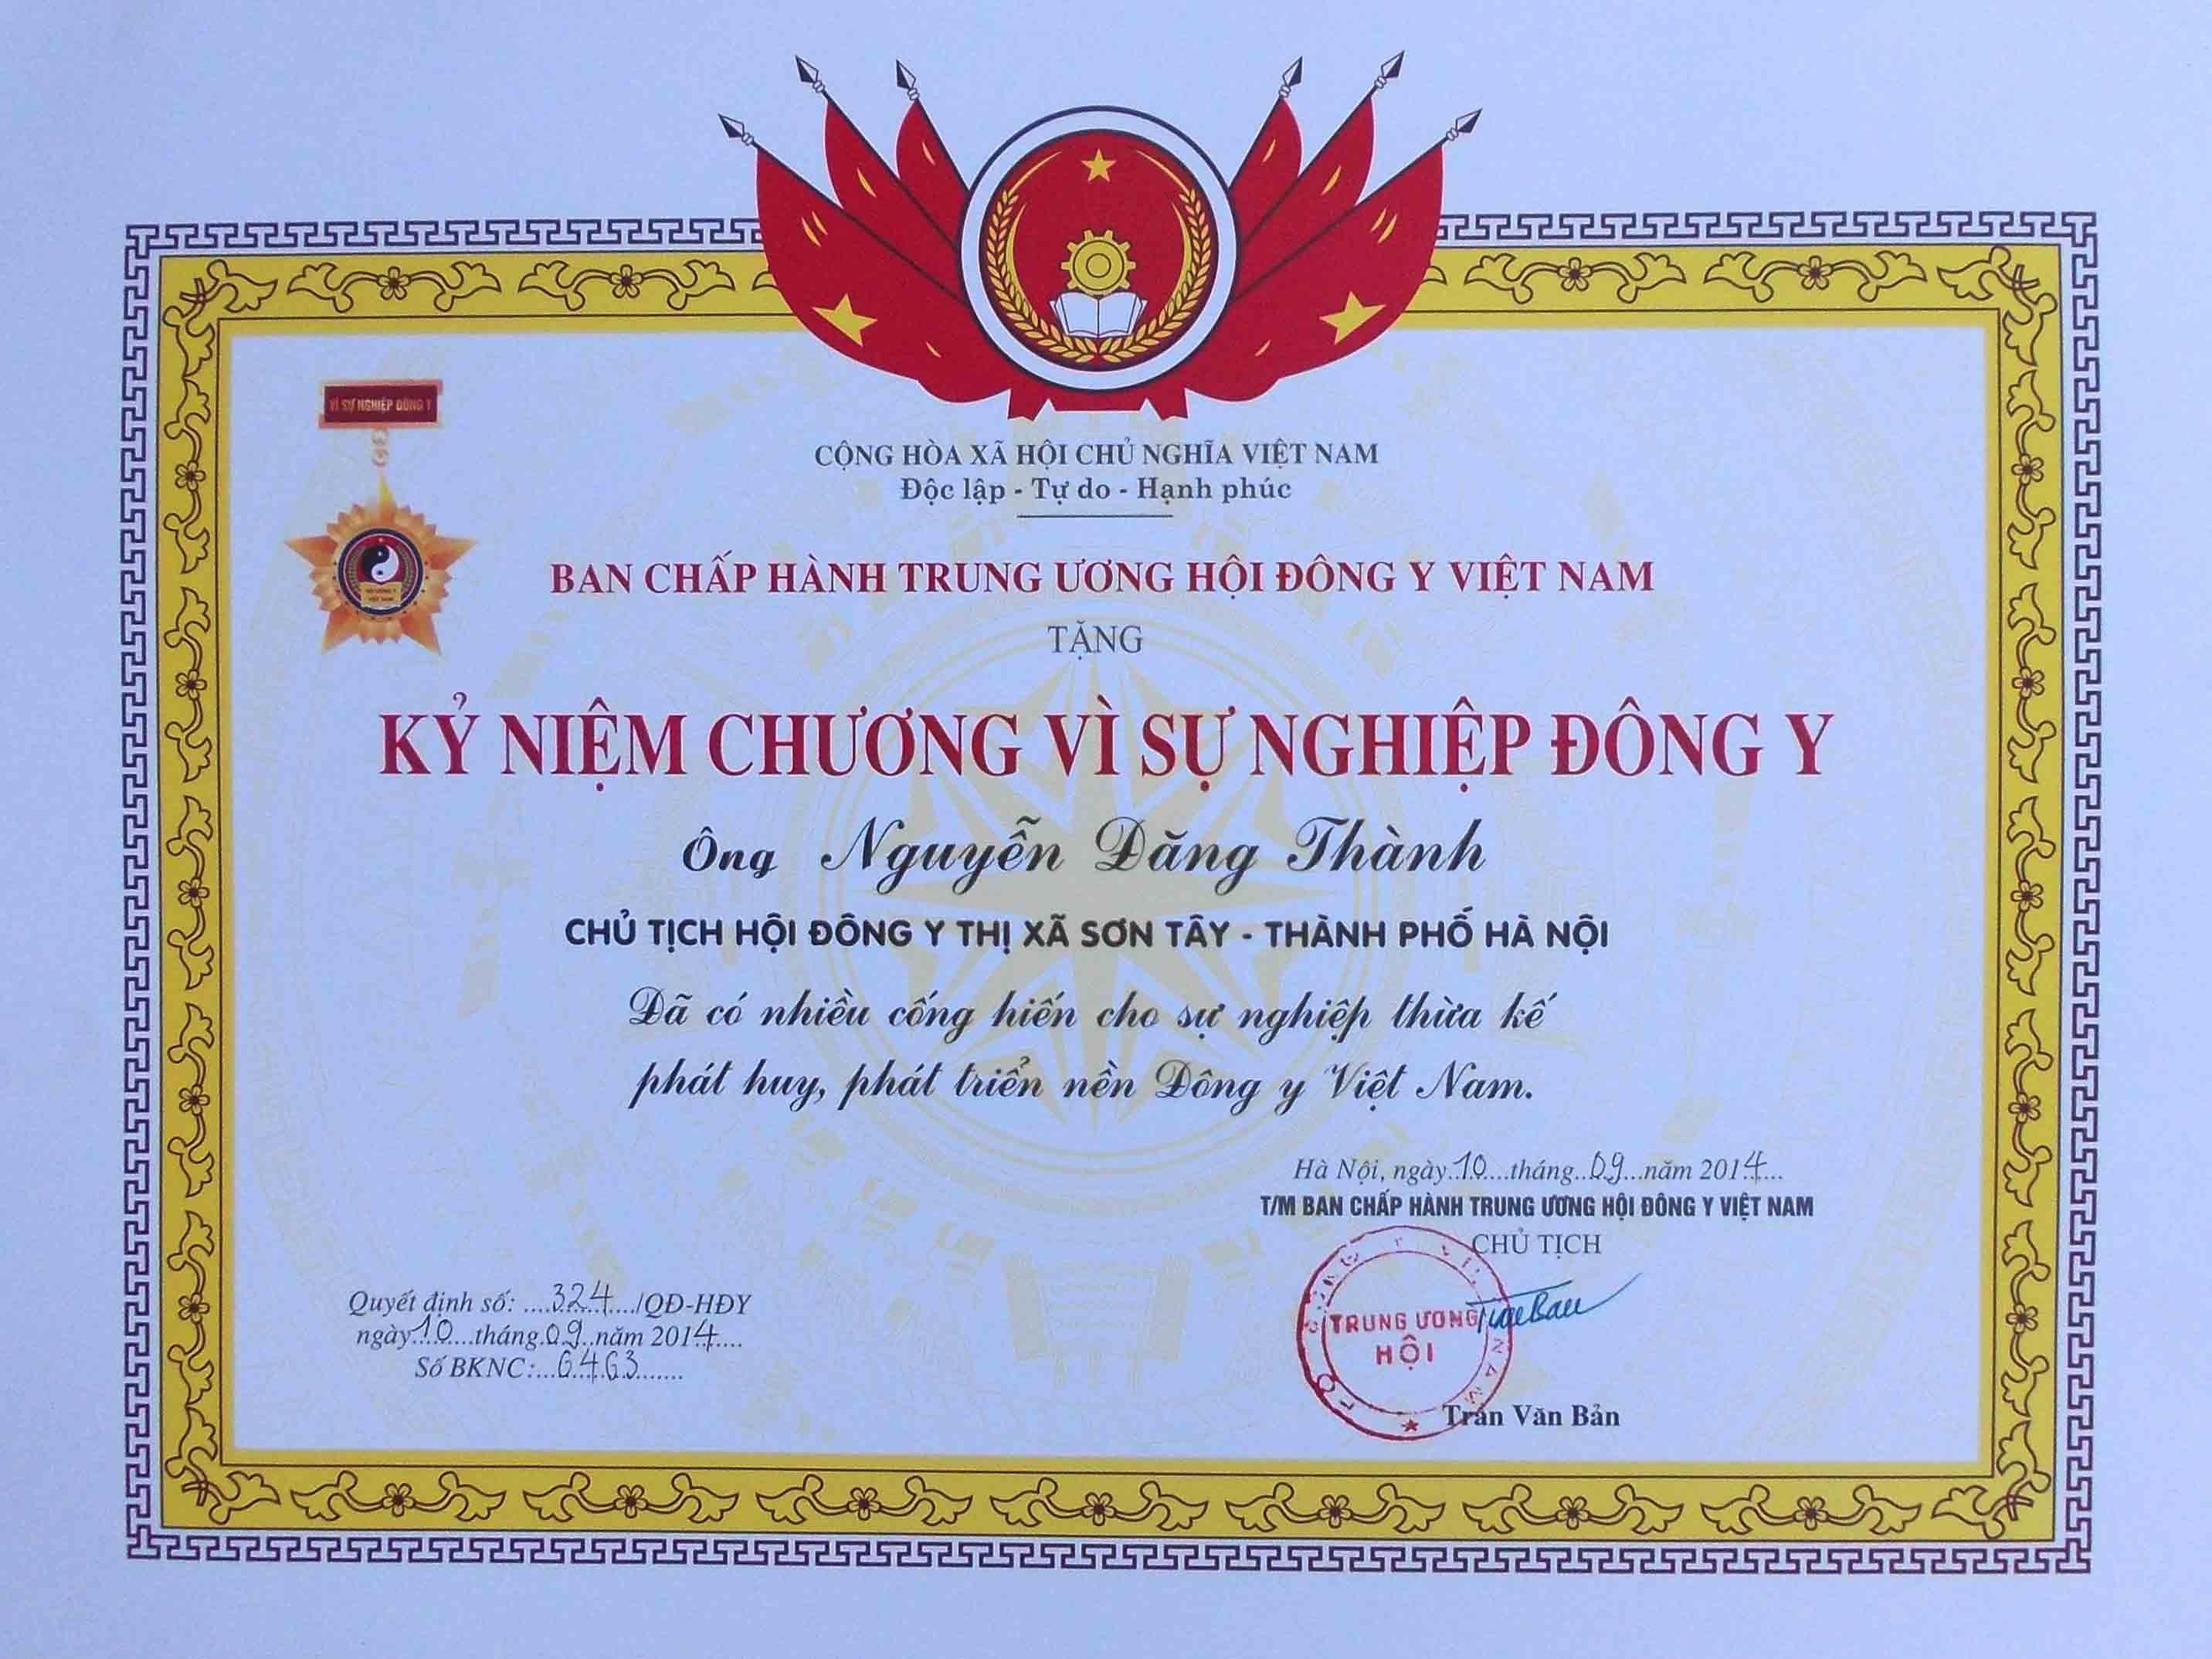 DSCN0515 copy EB copy